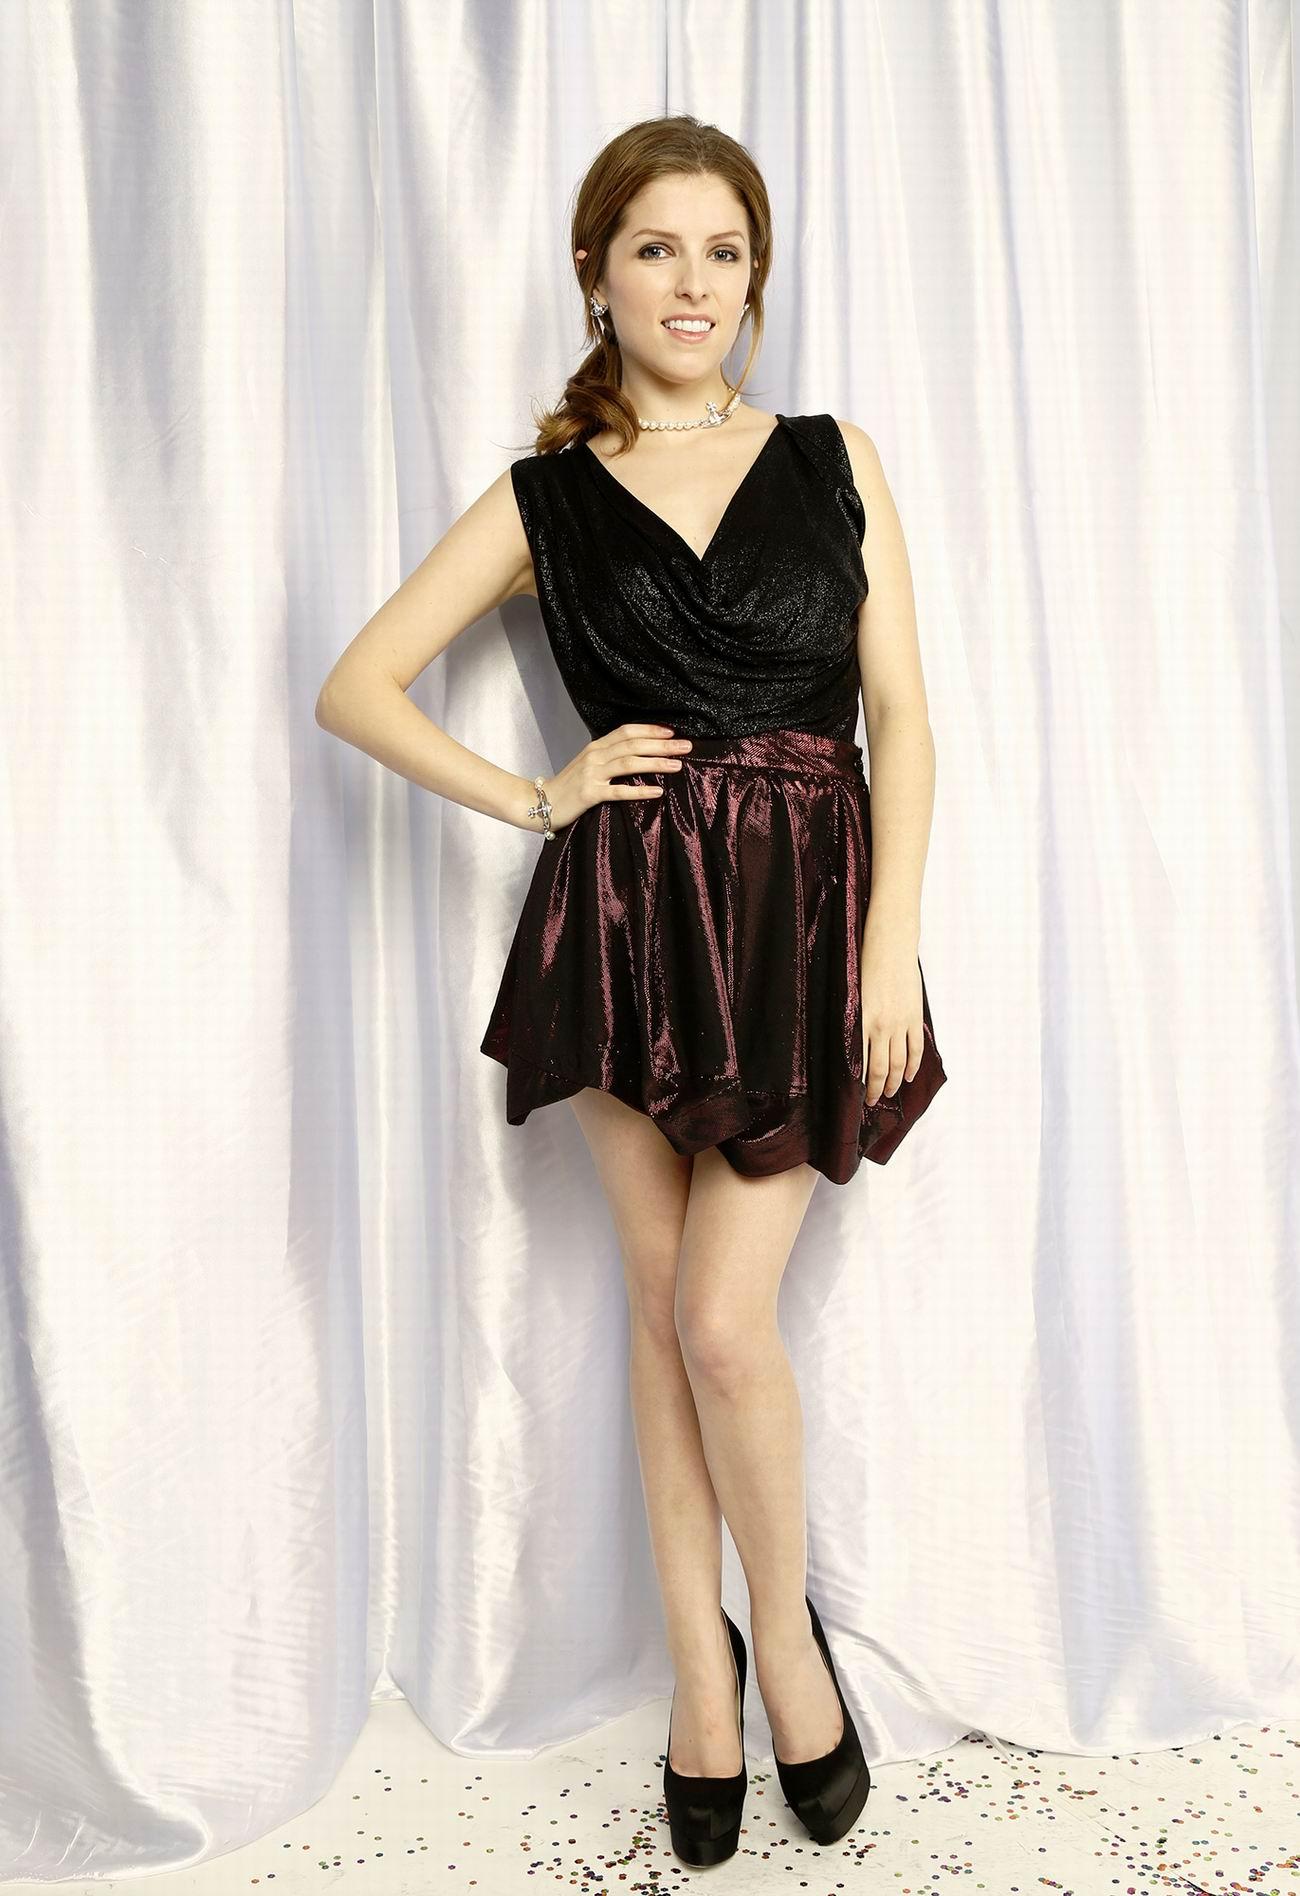 Анна Кендрик (Anna Kendrick) фотосессия 2013 Jingle Ball